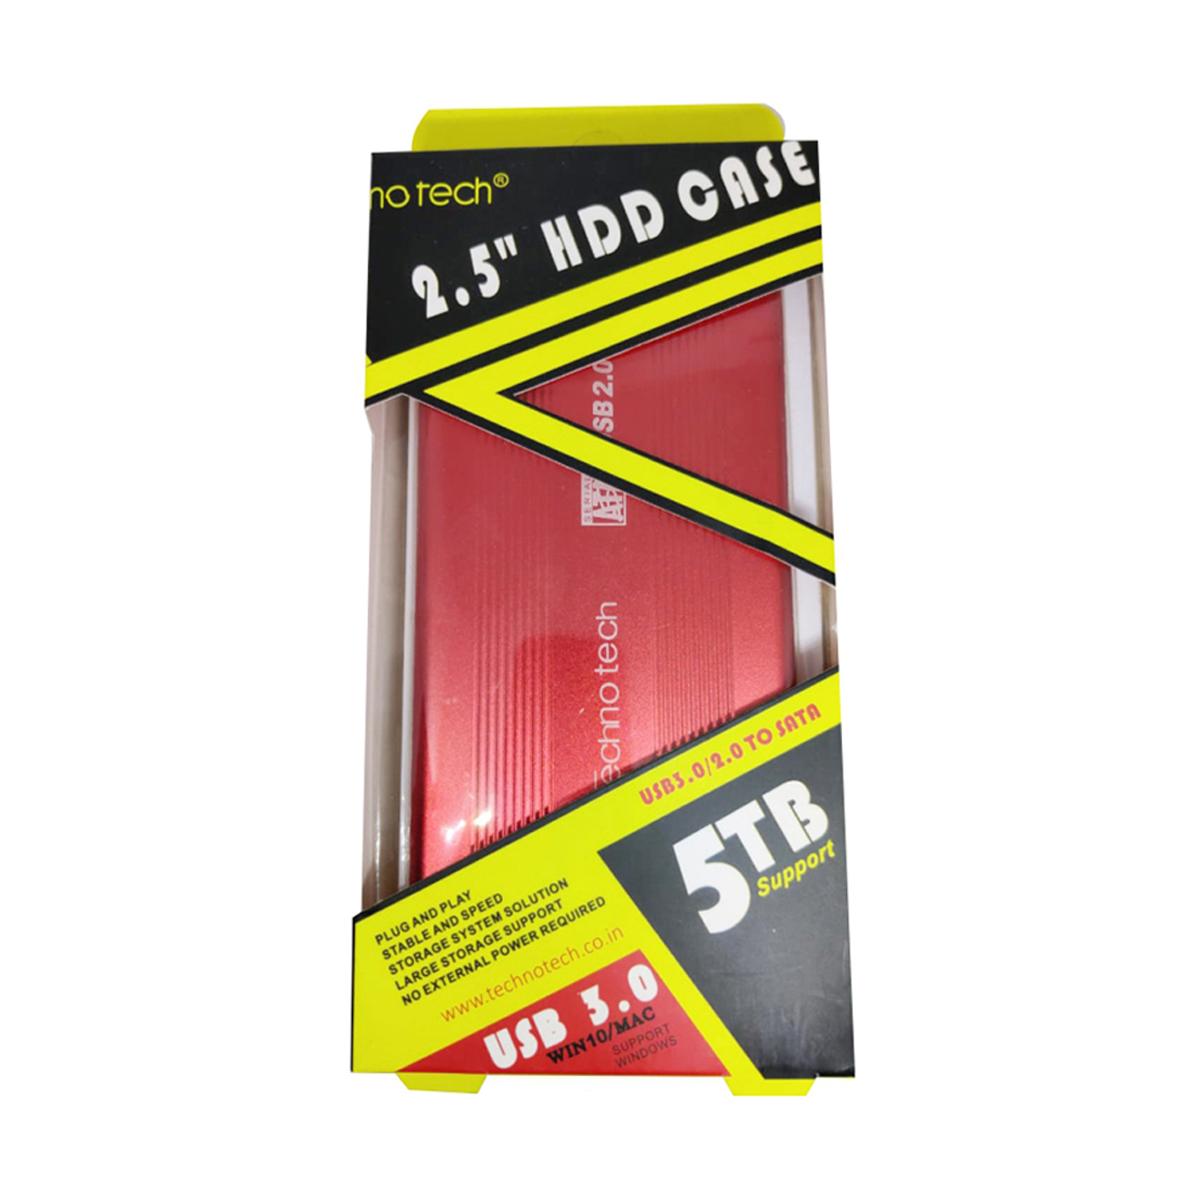 """2.5"""" USB 3.0 HDD Enclosure"""